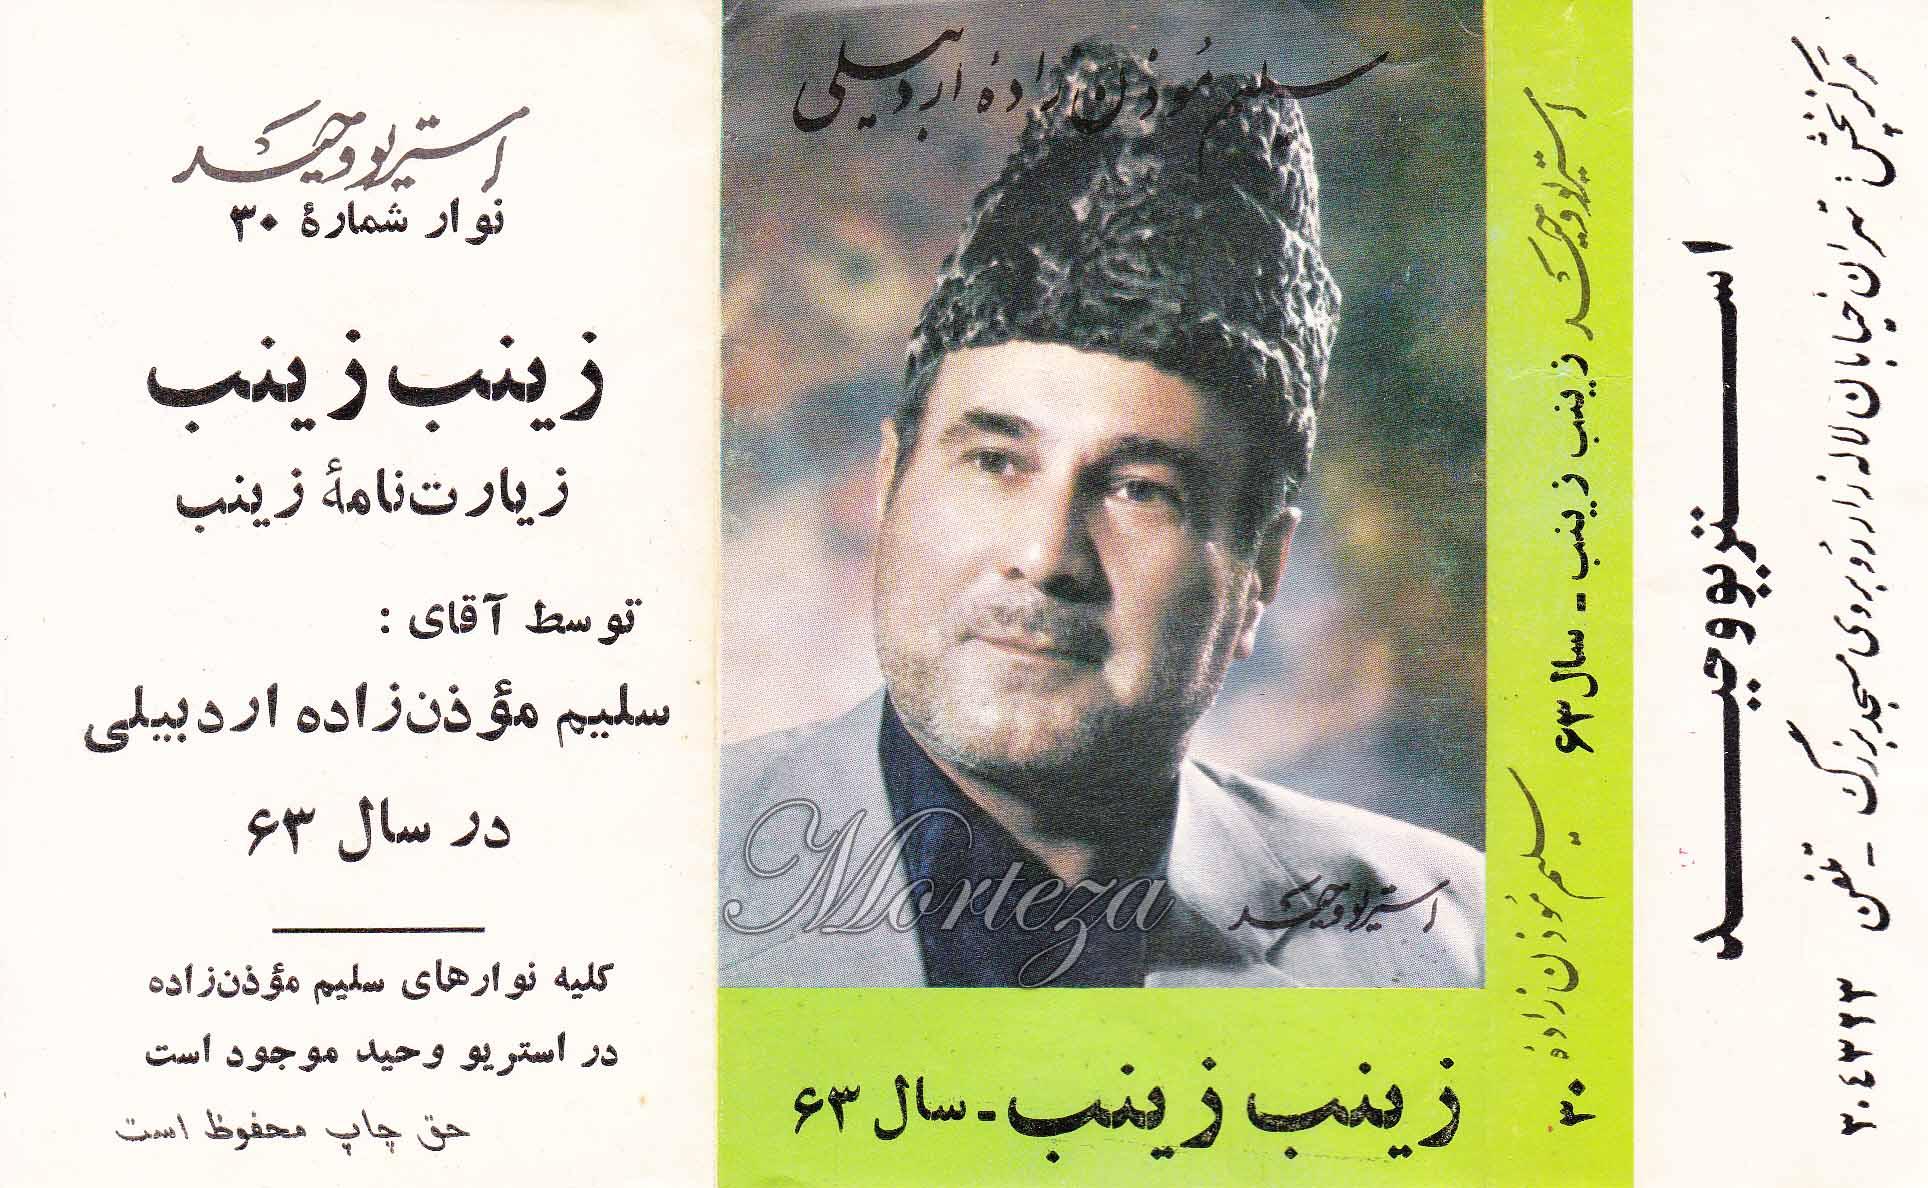 سایت آواز مذهبی مرجع آثار جاودانه  فخرالذاکرین استاد سلیم موذن زاده اردبیلی